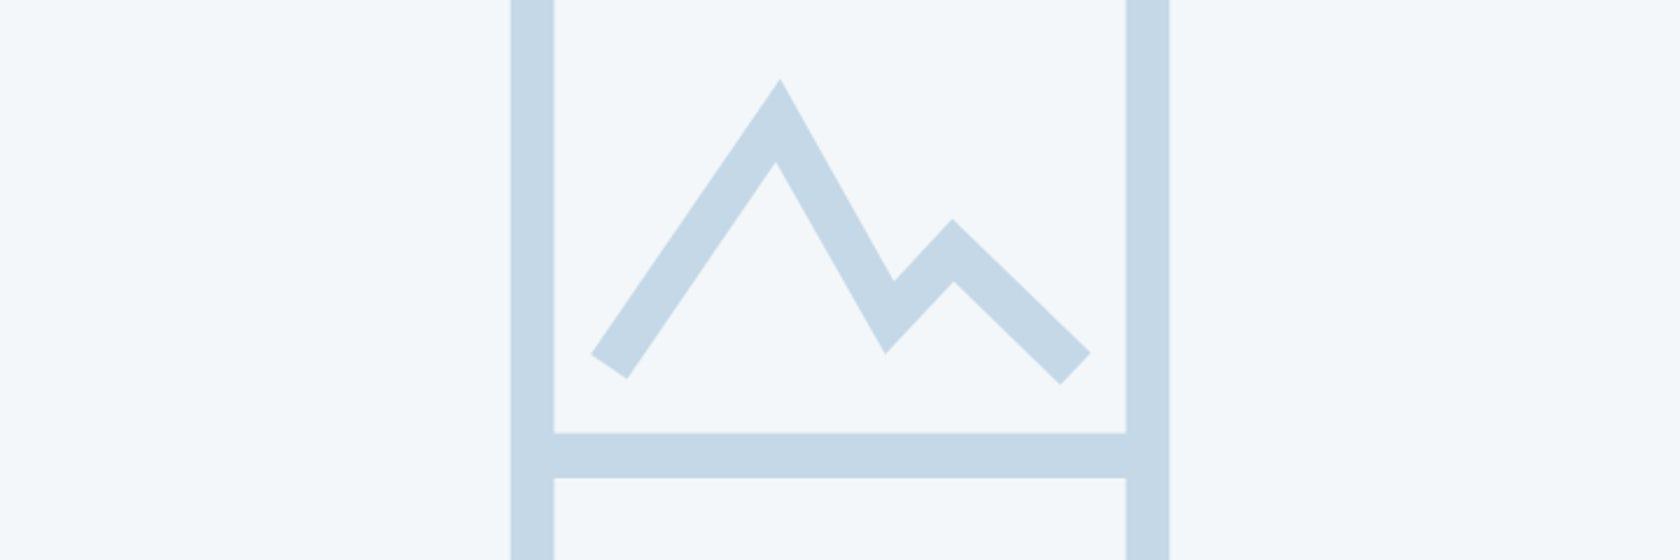 Hera cosine and Hera 10mm lens DEF